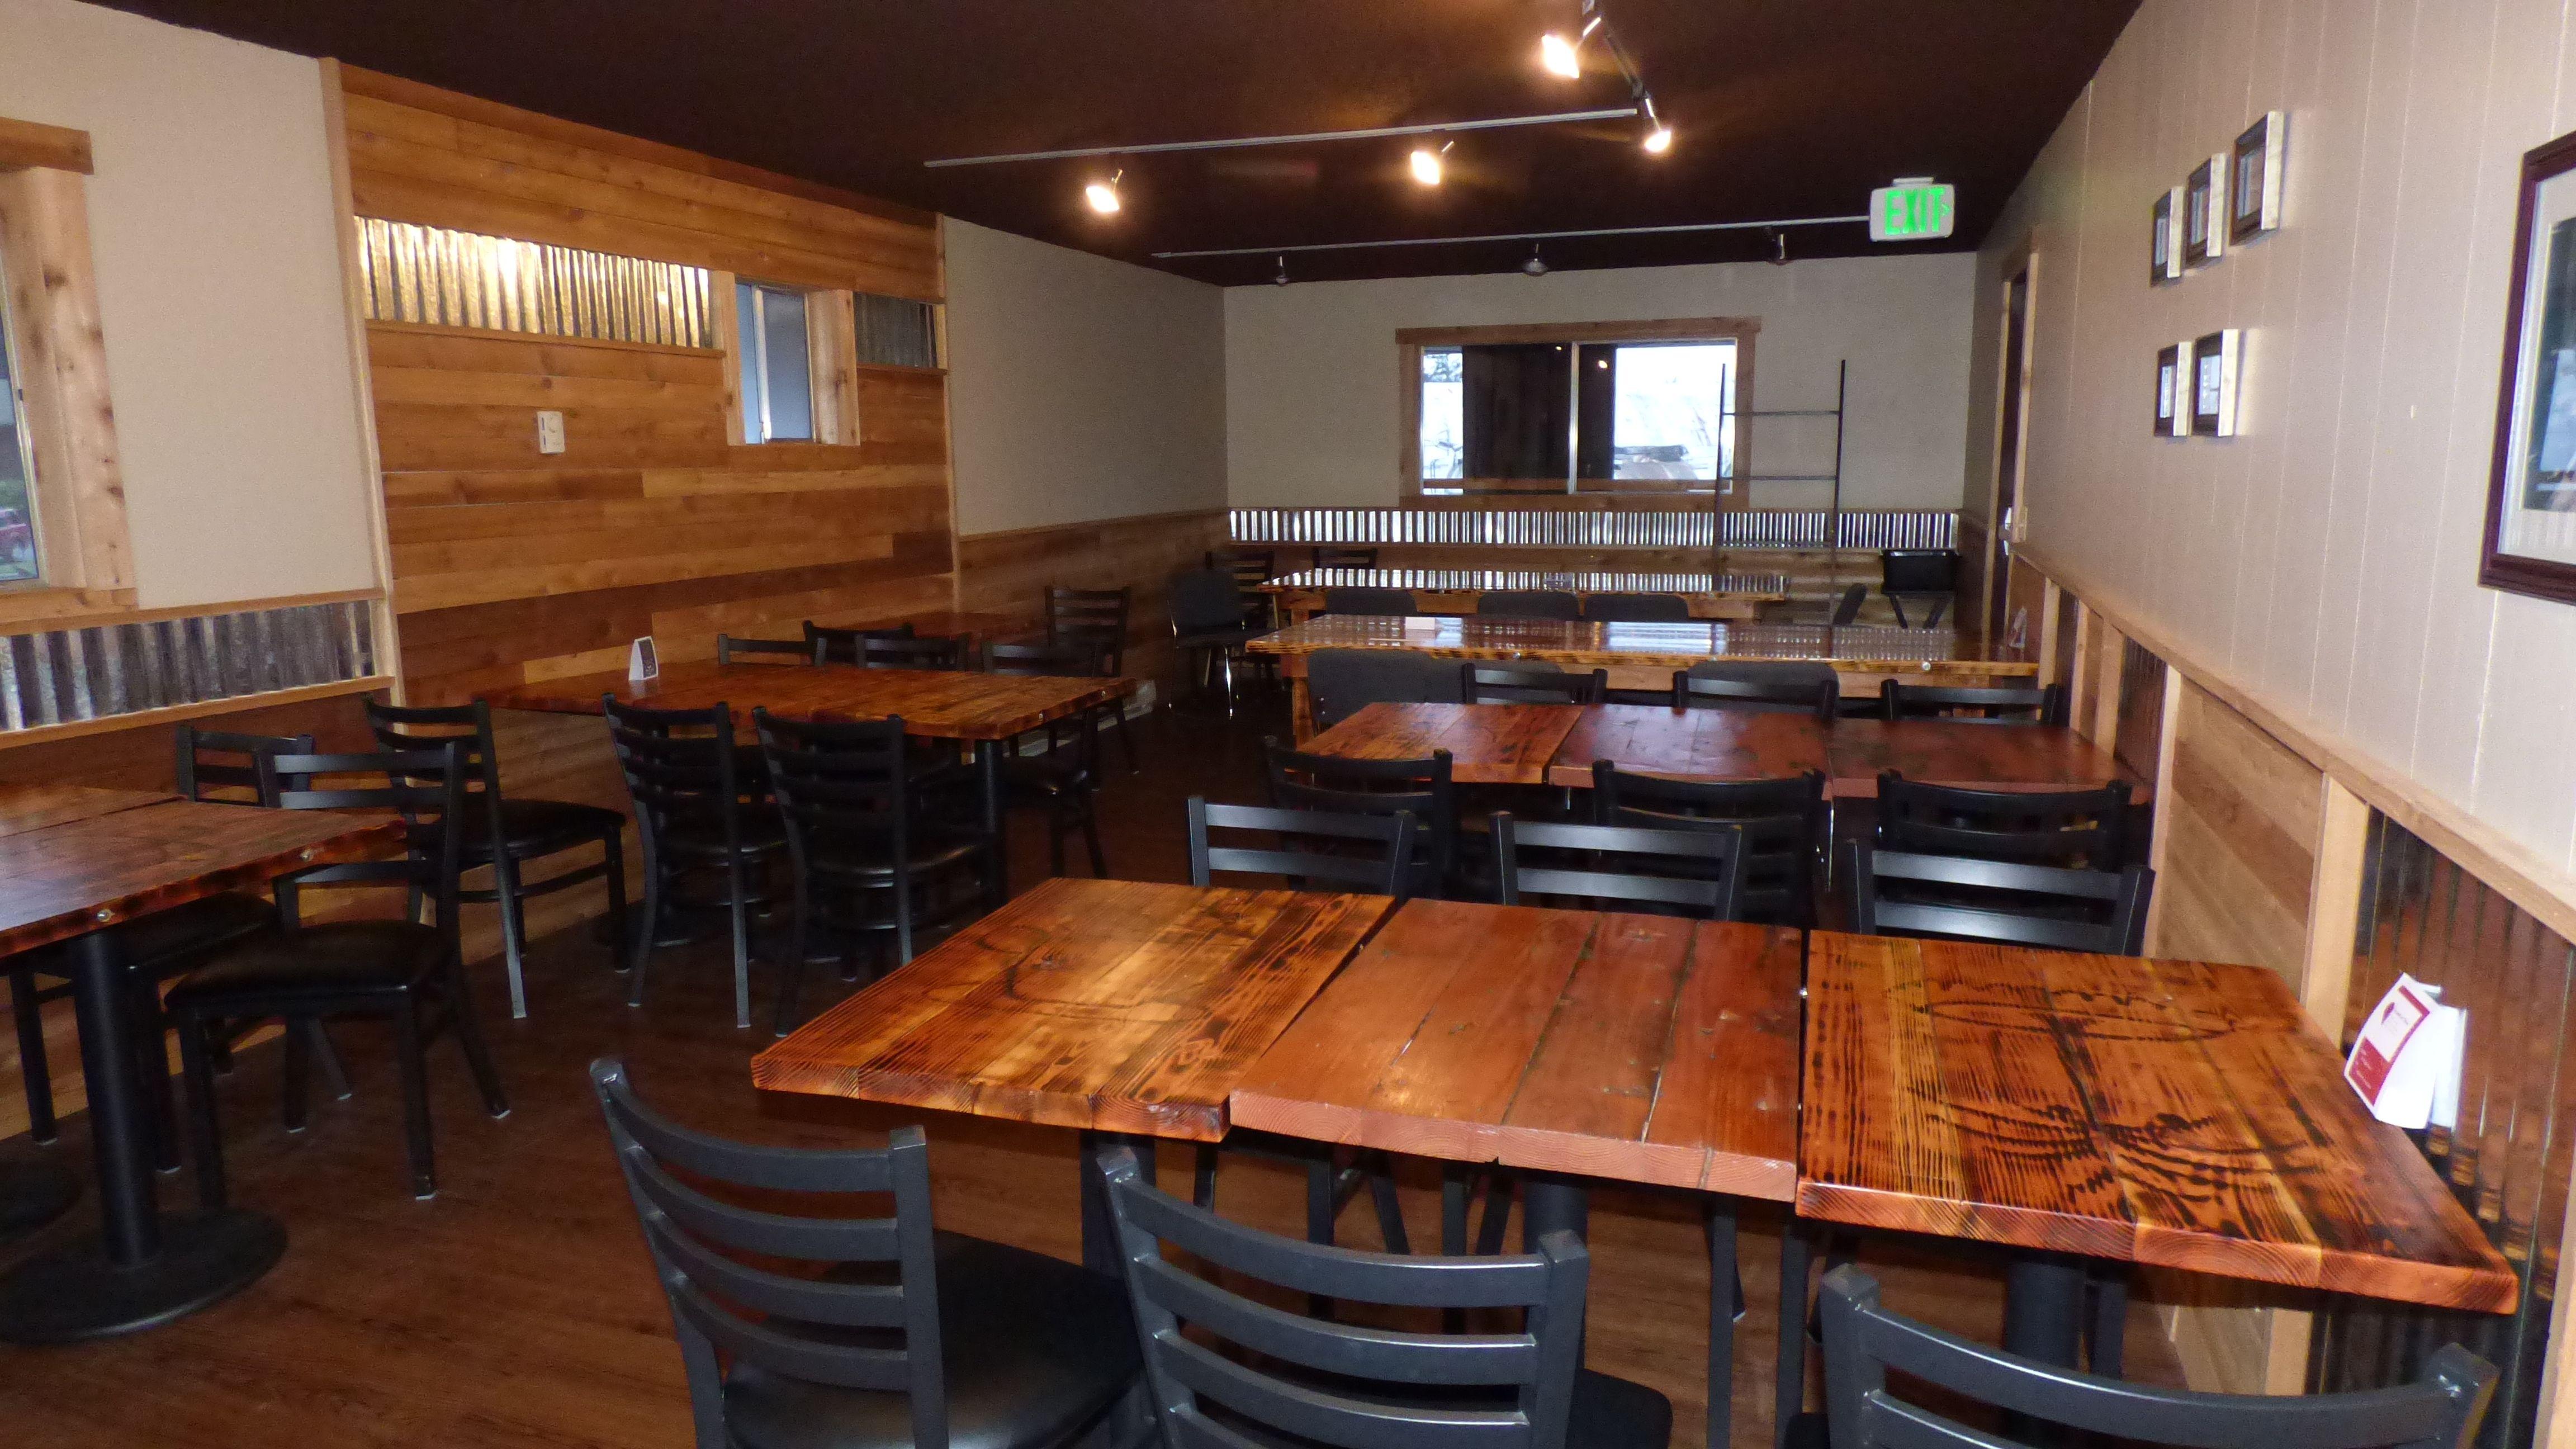 The Coffee Oasis Poulsbo Tables Kitsap Charity Kitsapcares Bremerton Poulsbo Port Orchard Photo Ken Rury Sponsore Coffee Shop Business Poulsbo Bremerton